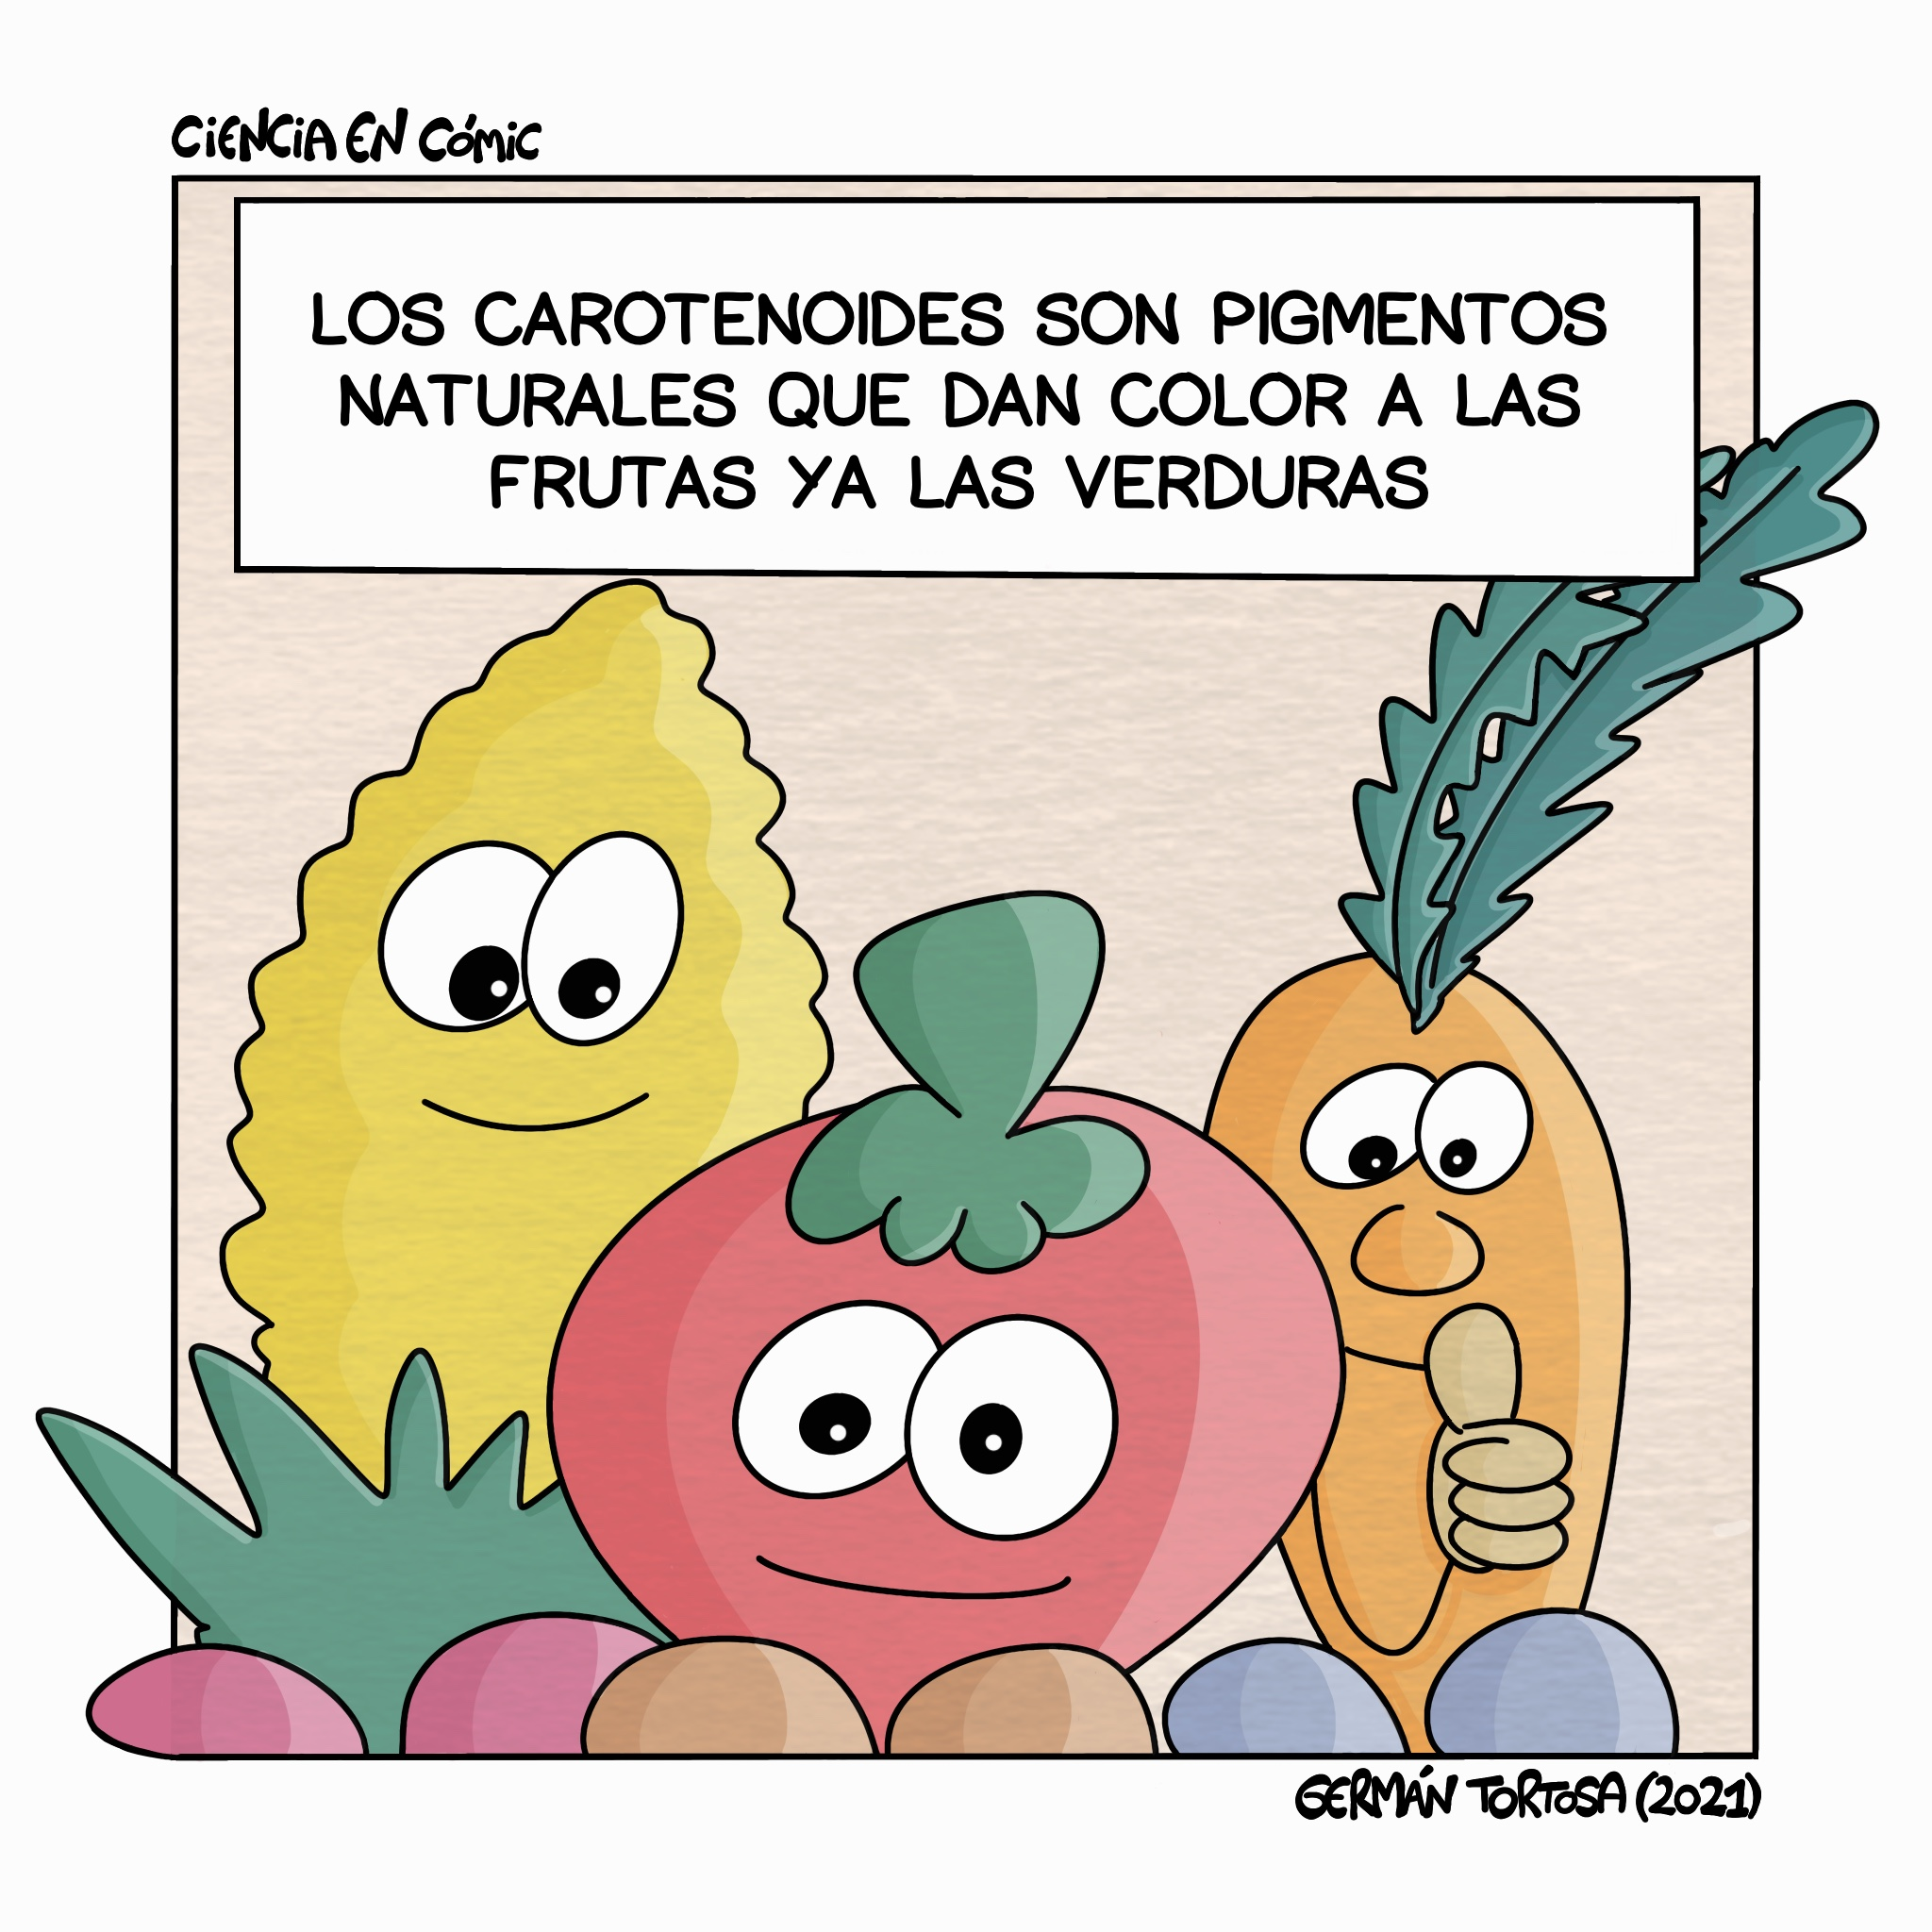 02) Microconceptos: Carotenoides y el color de las frutas